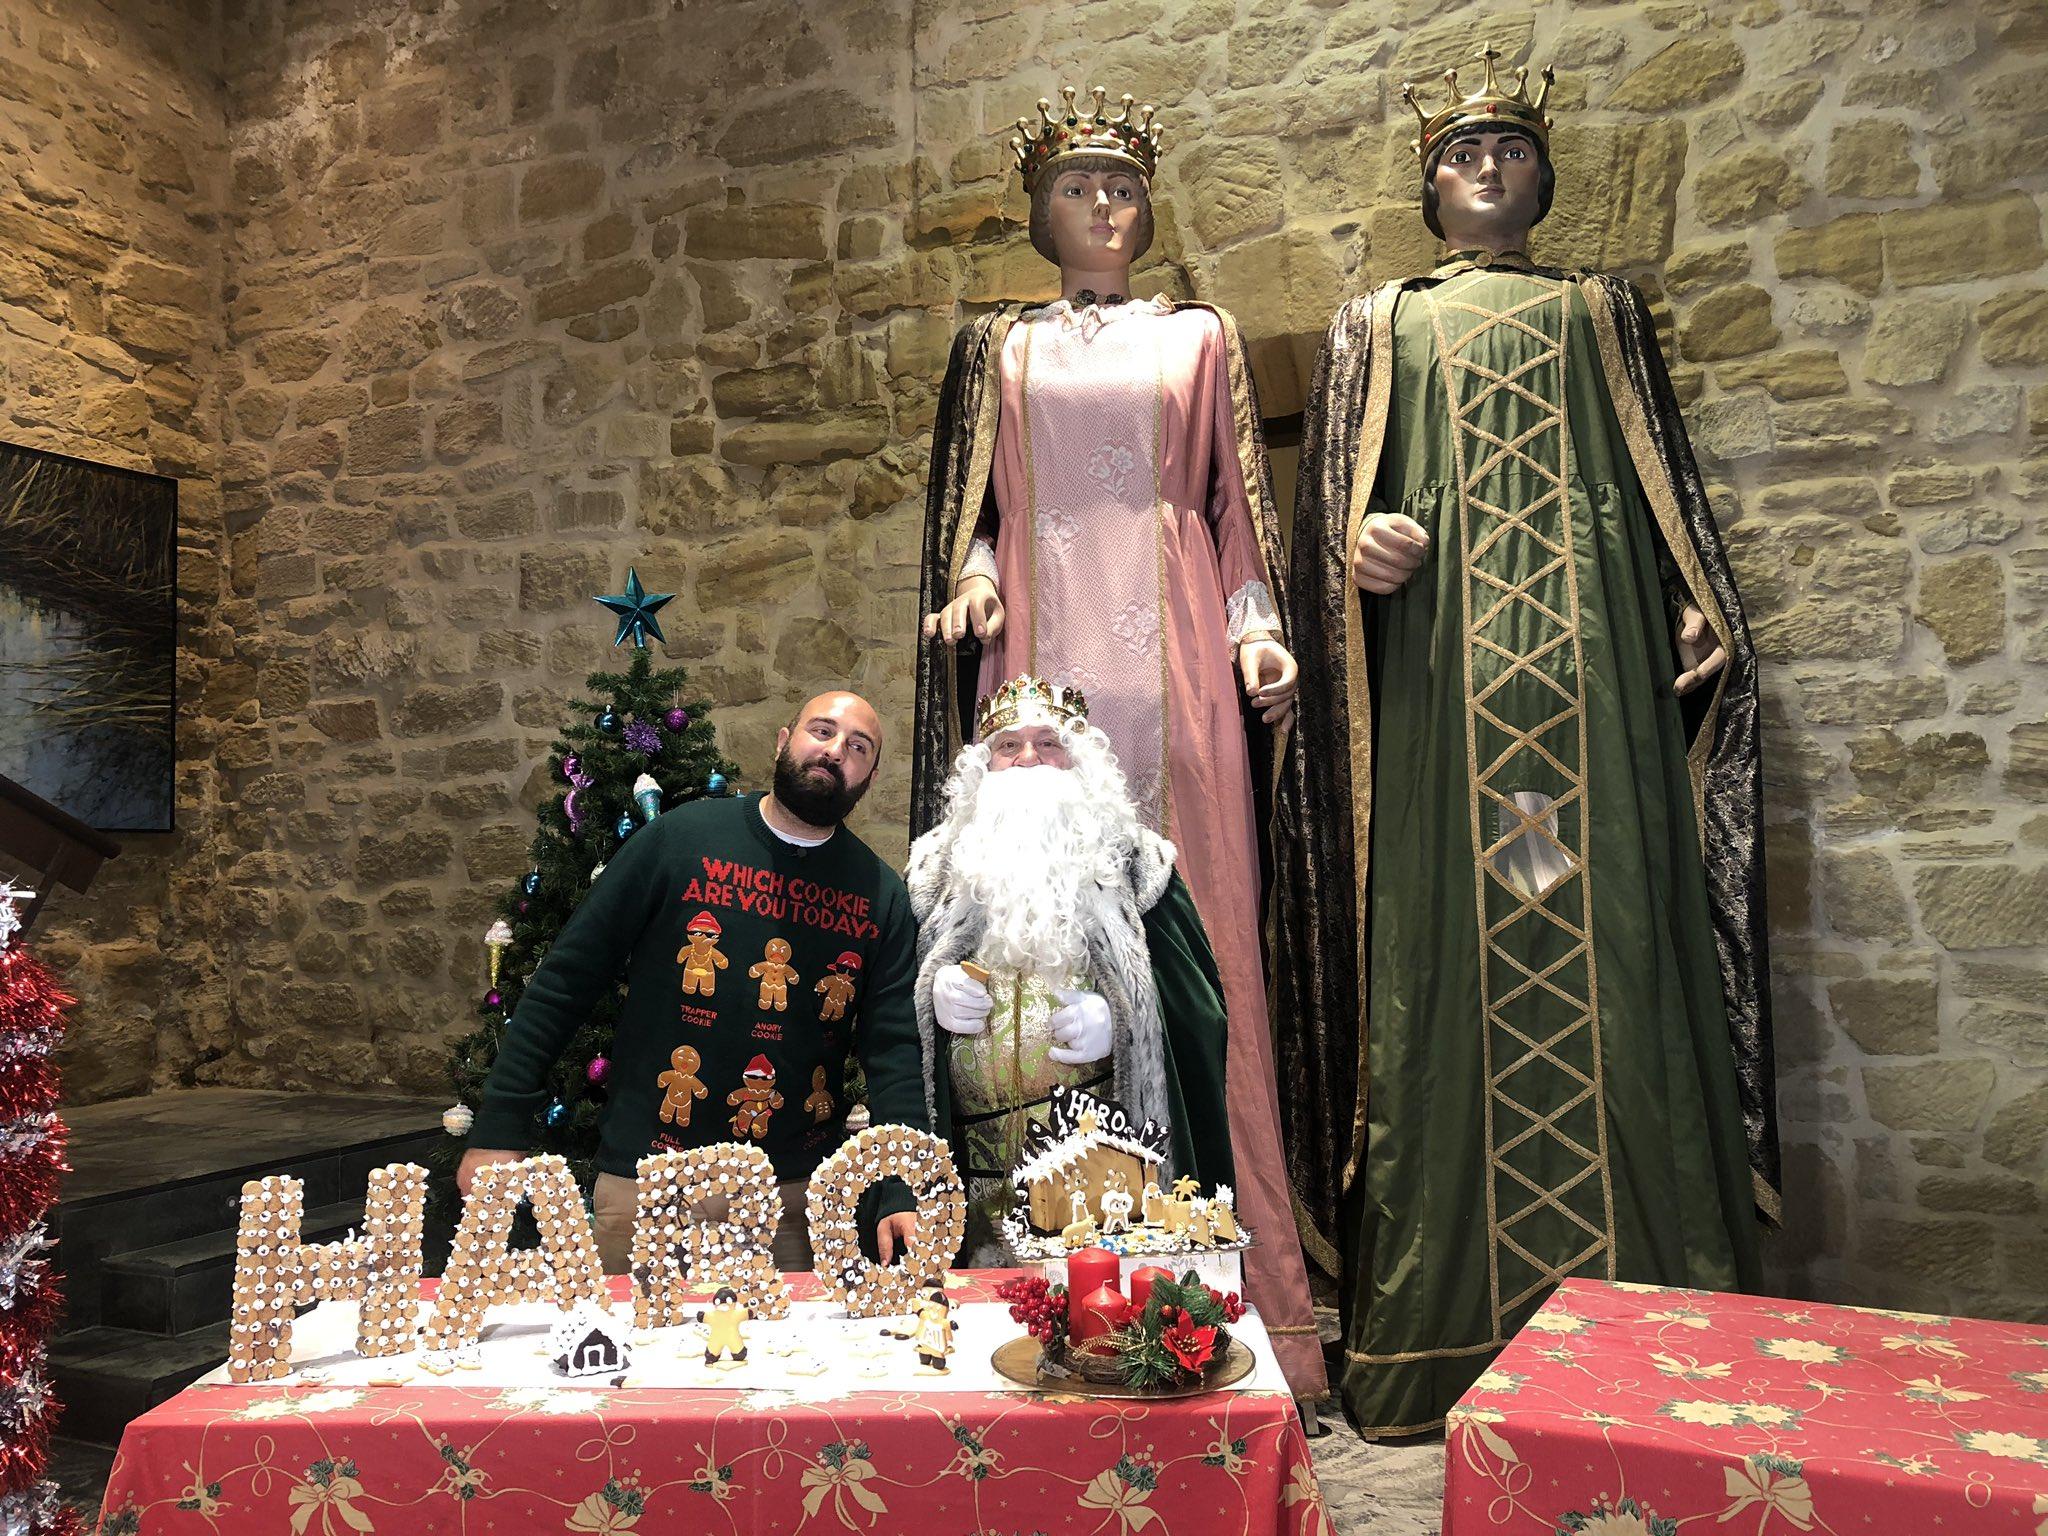 El Rey Melchor prepara en Haro las galletas de Navidad de Pastelería Yturbe 2